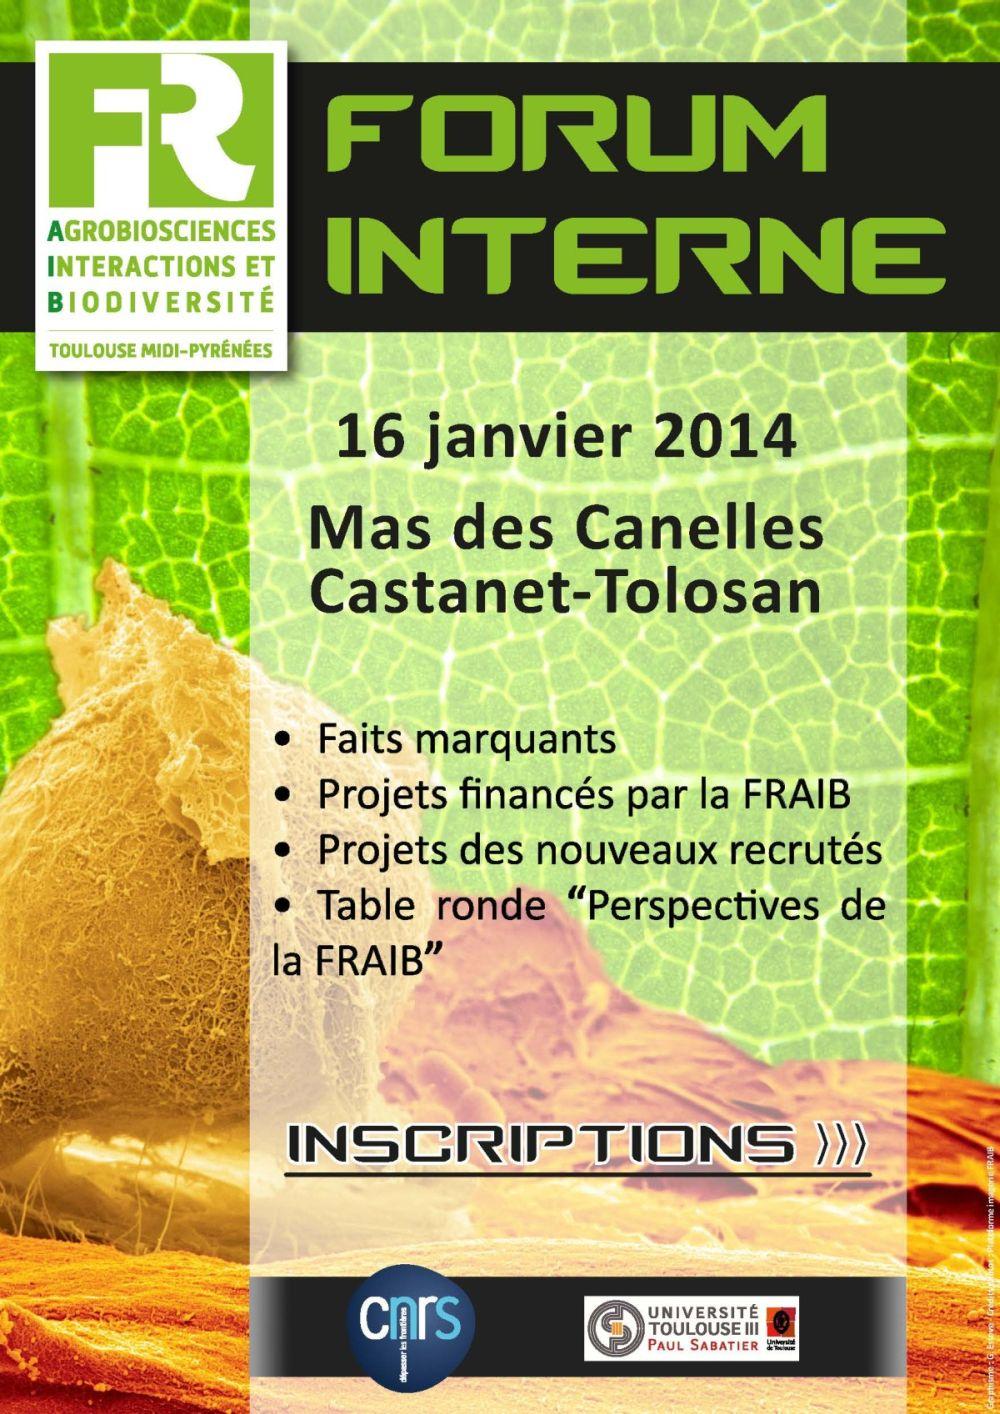 Forum interne FRAIB